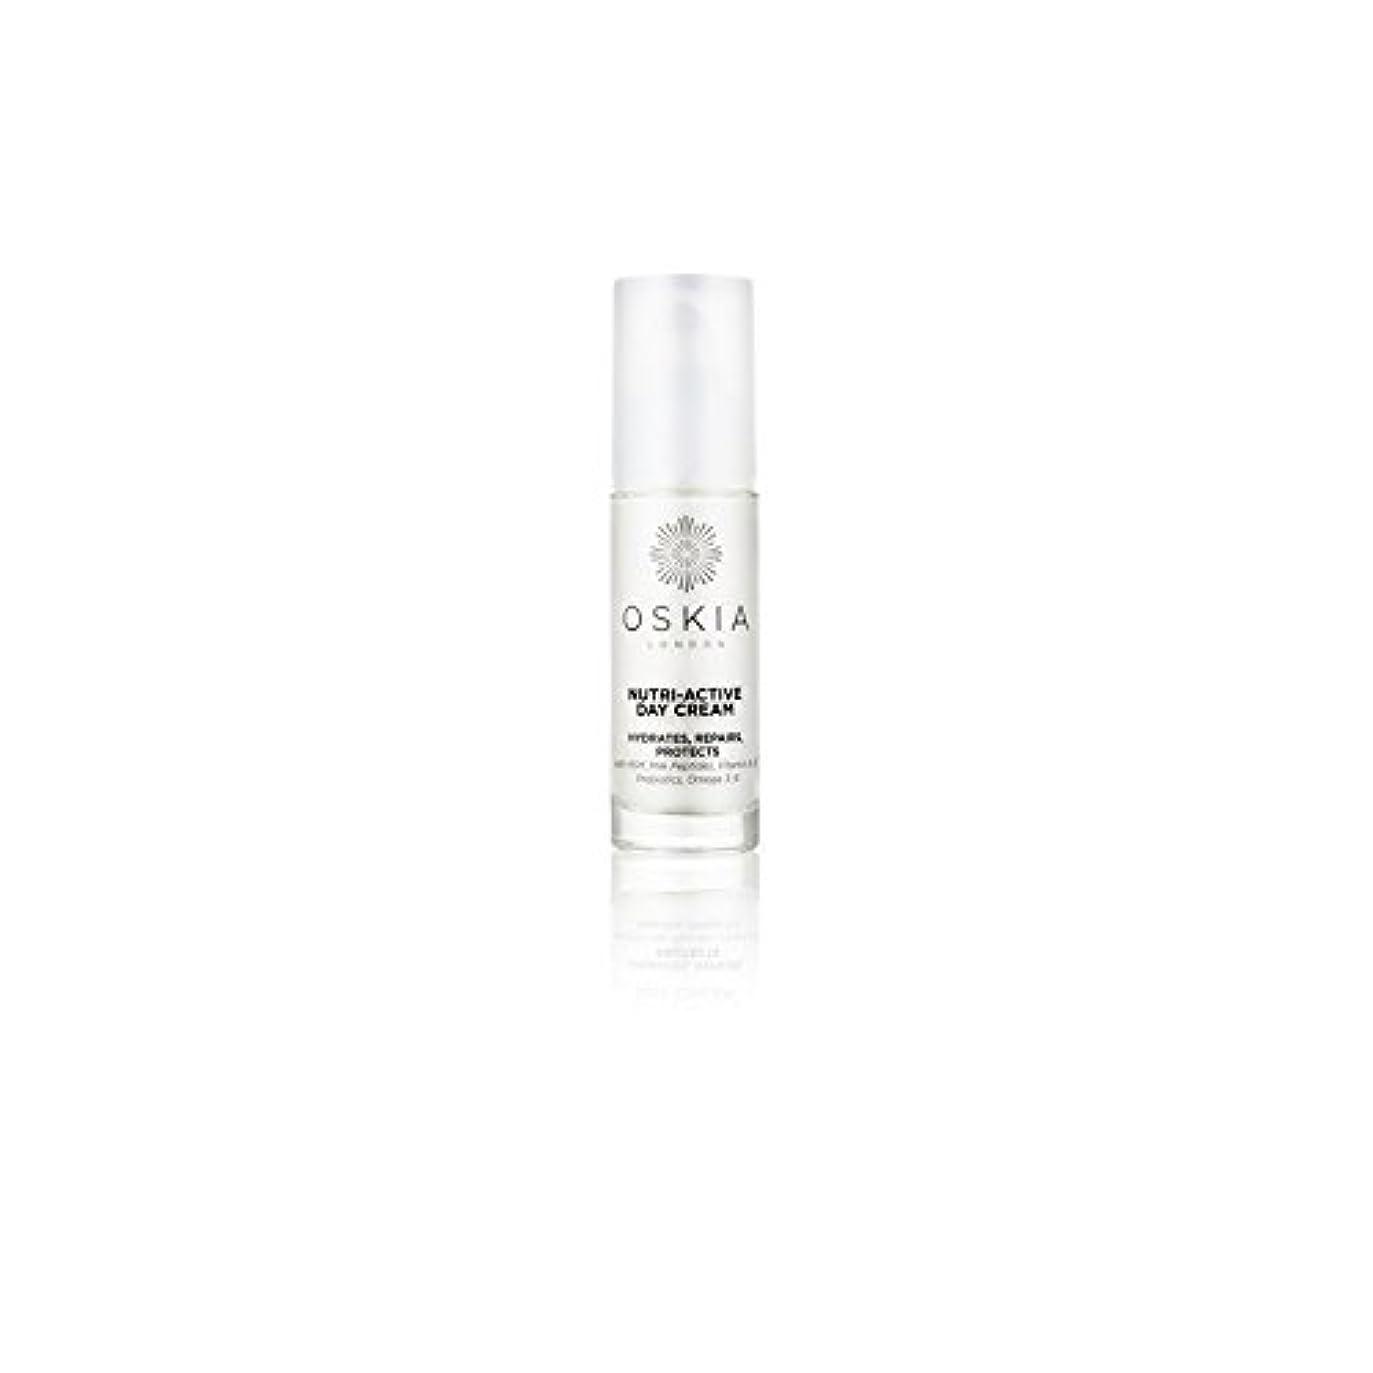 のニュートリアクティブデイクリーム(40ミリリットル) x2 - Oskia Nutri-Active Day Cream (40ml) (Pack of 2) [並行輸入品]